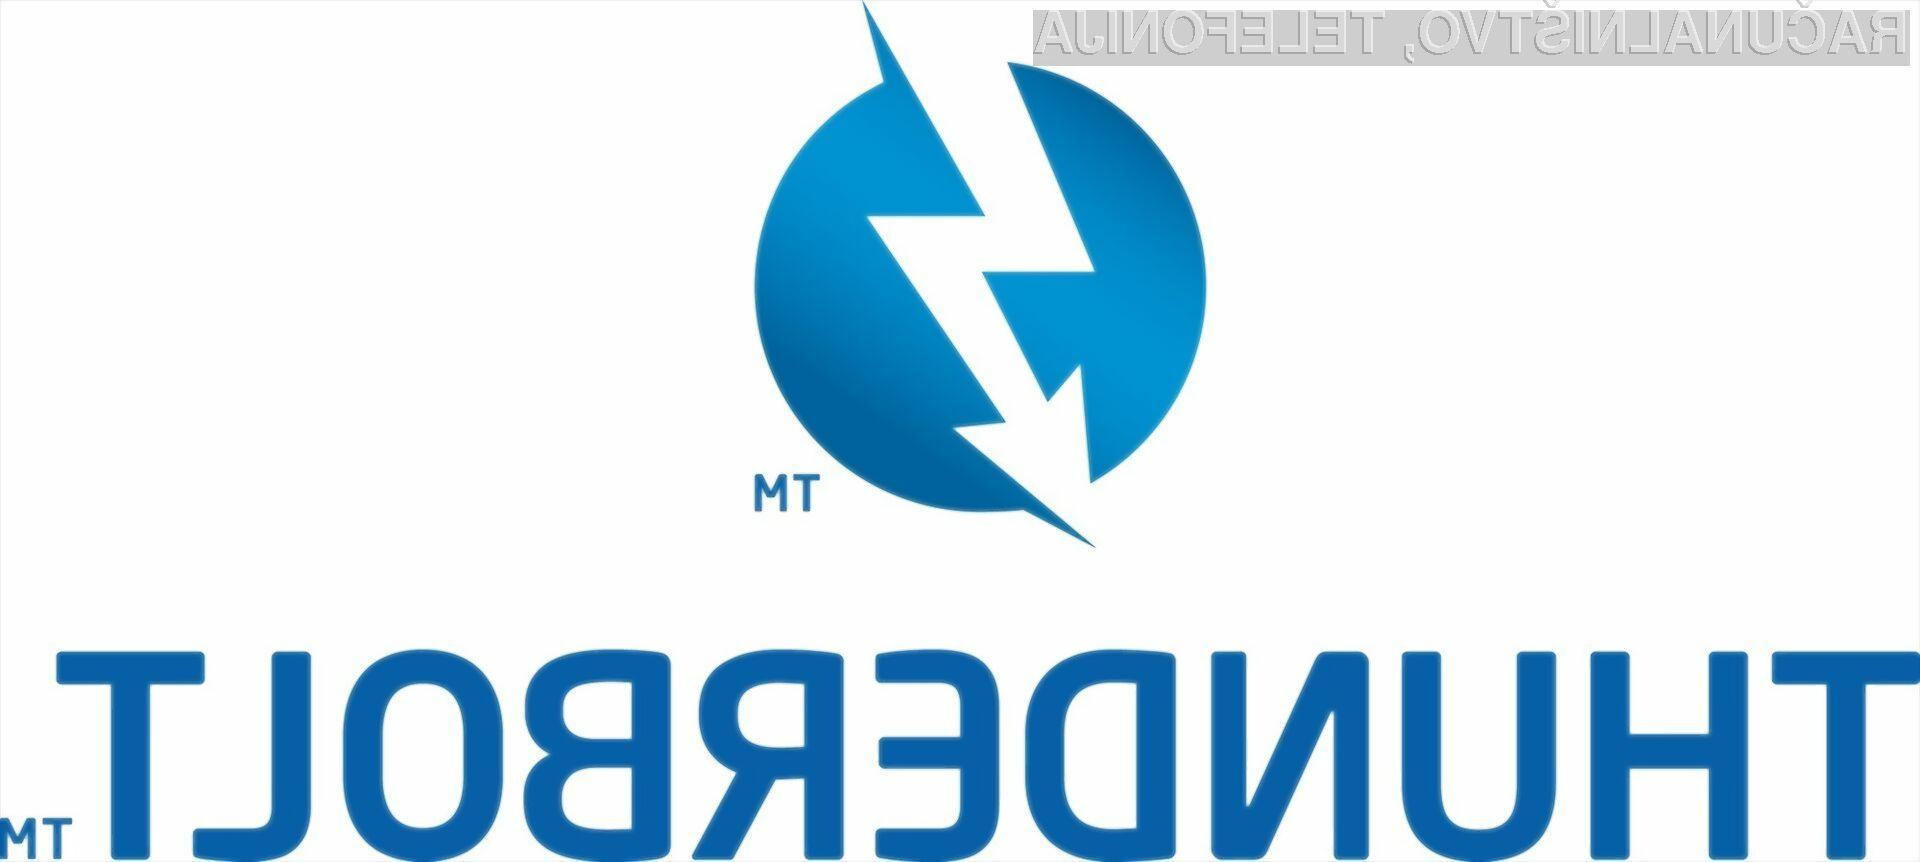 Prednosti tehnologije Thunderbolt bodo kmalu pričeli koristiti tudi uporabniki osebnih in prenosnih računalnikov.